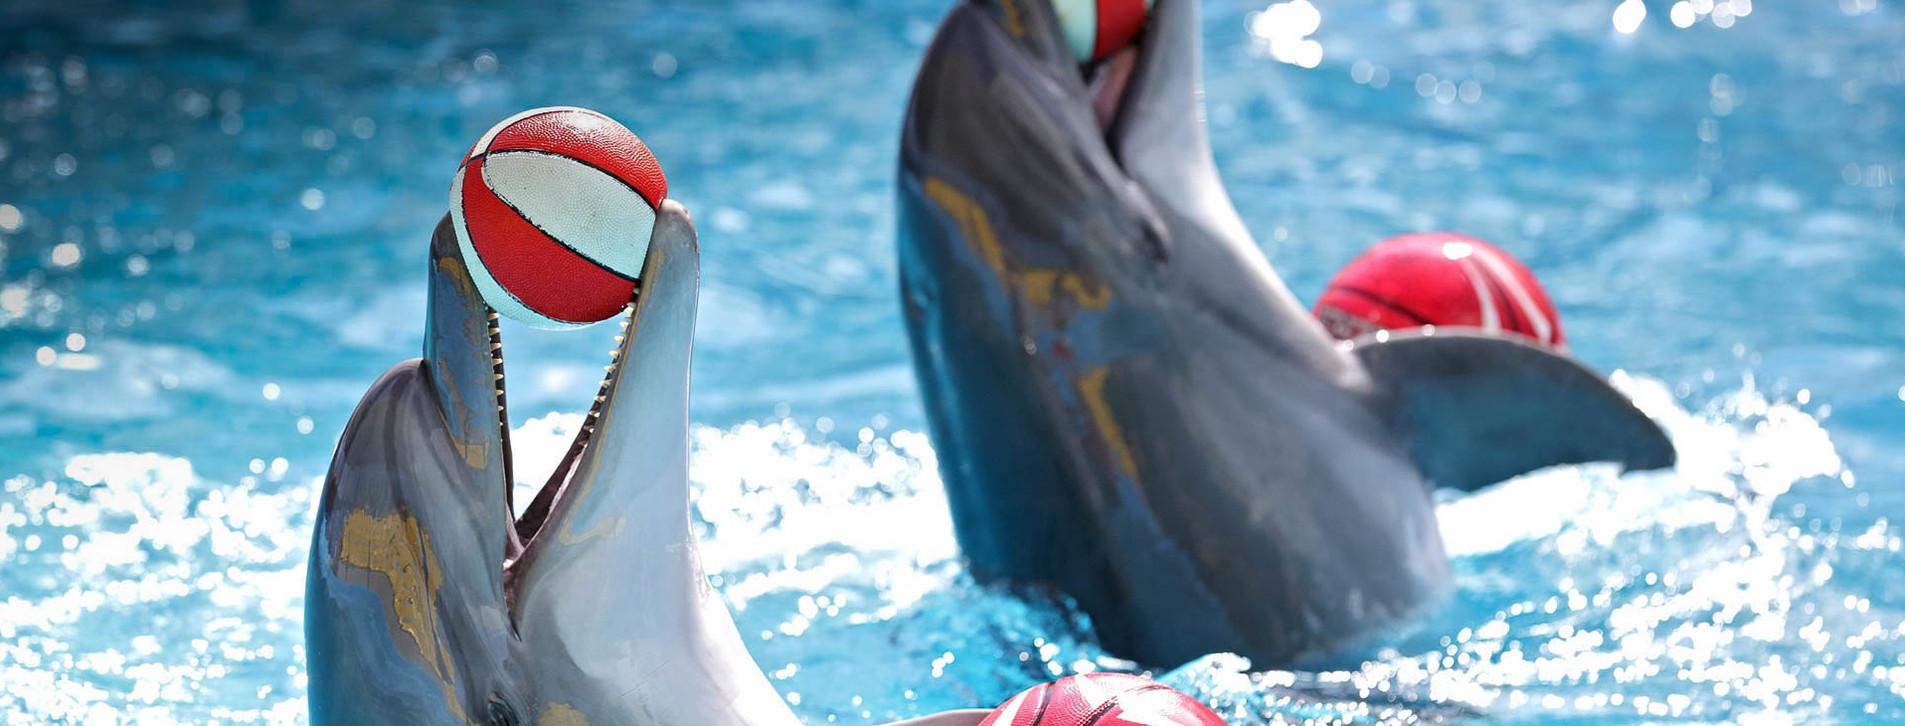 Фото 1 - Дельфинарий НЕМО для двоих